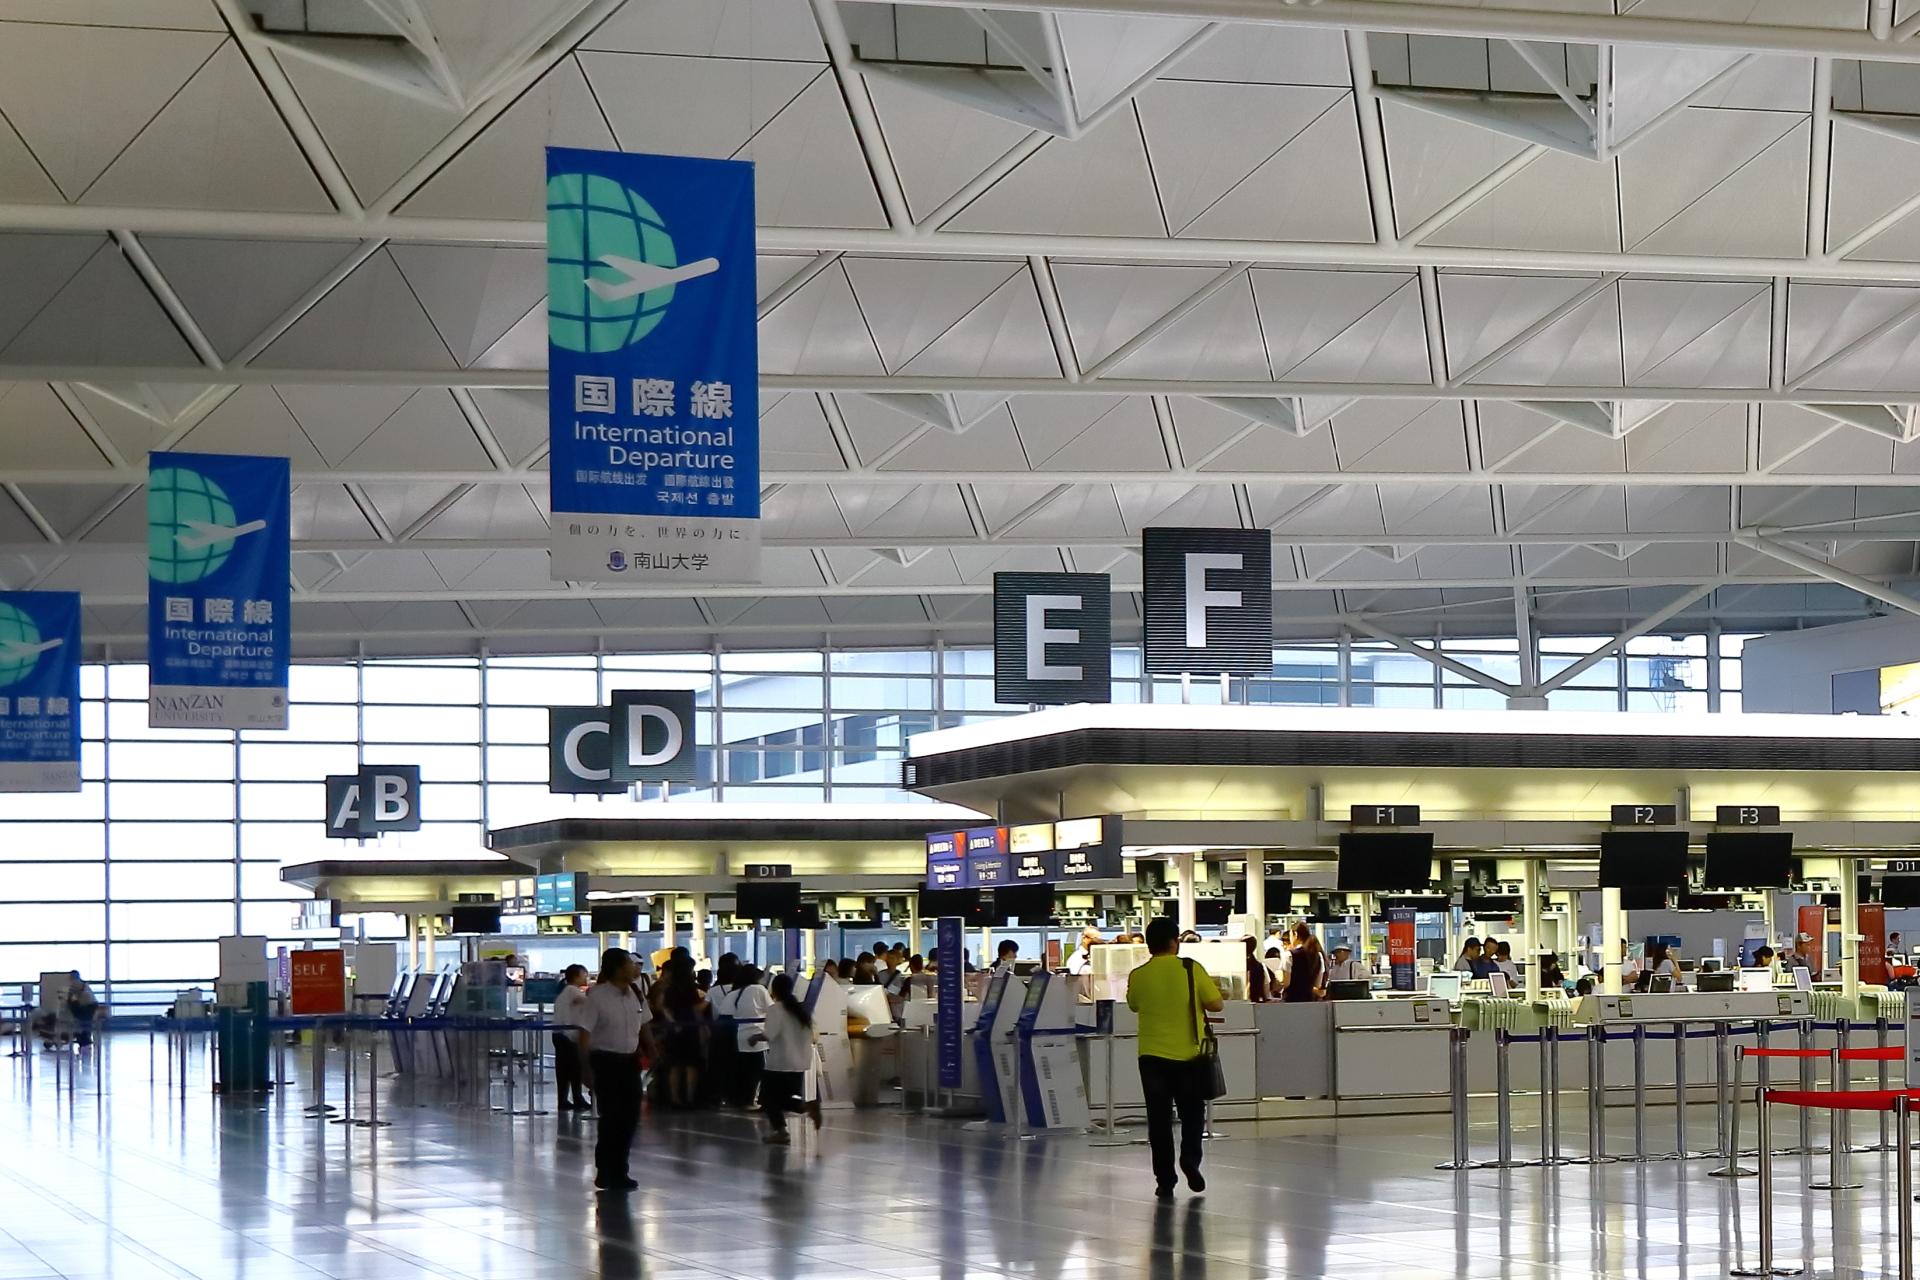 夏季休暇の旅-中部国際空港セントレア-愛知県常滑市にある24時間運用可能な国際空港